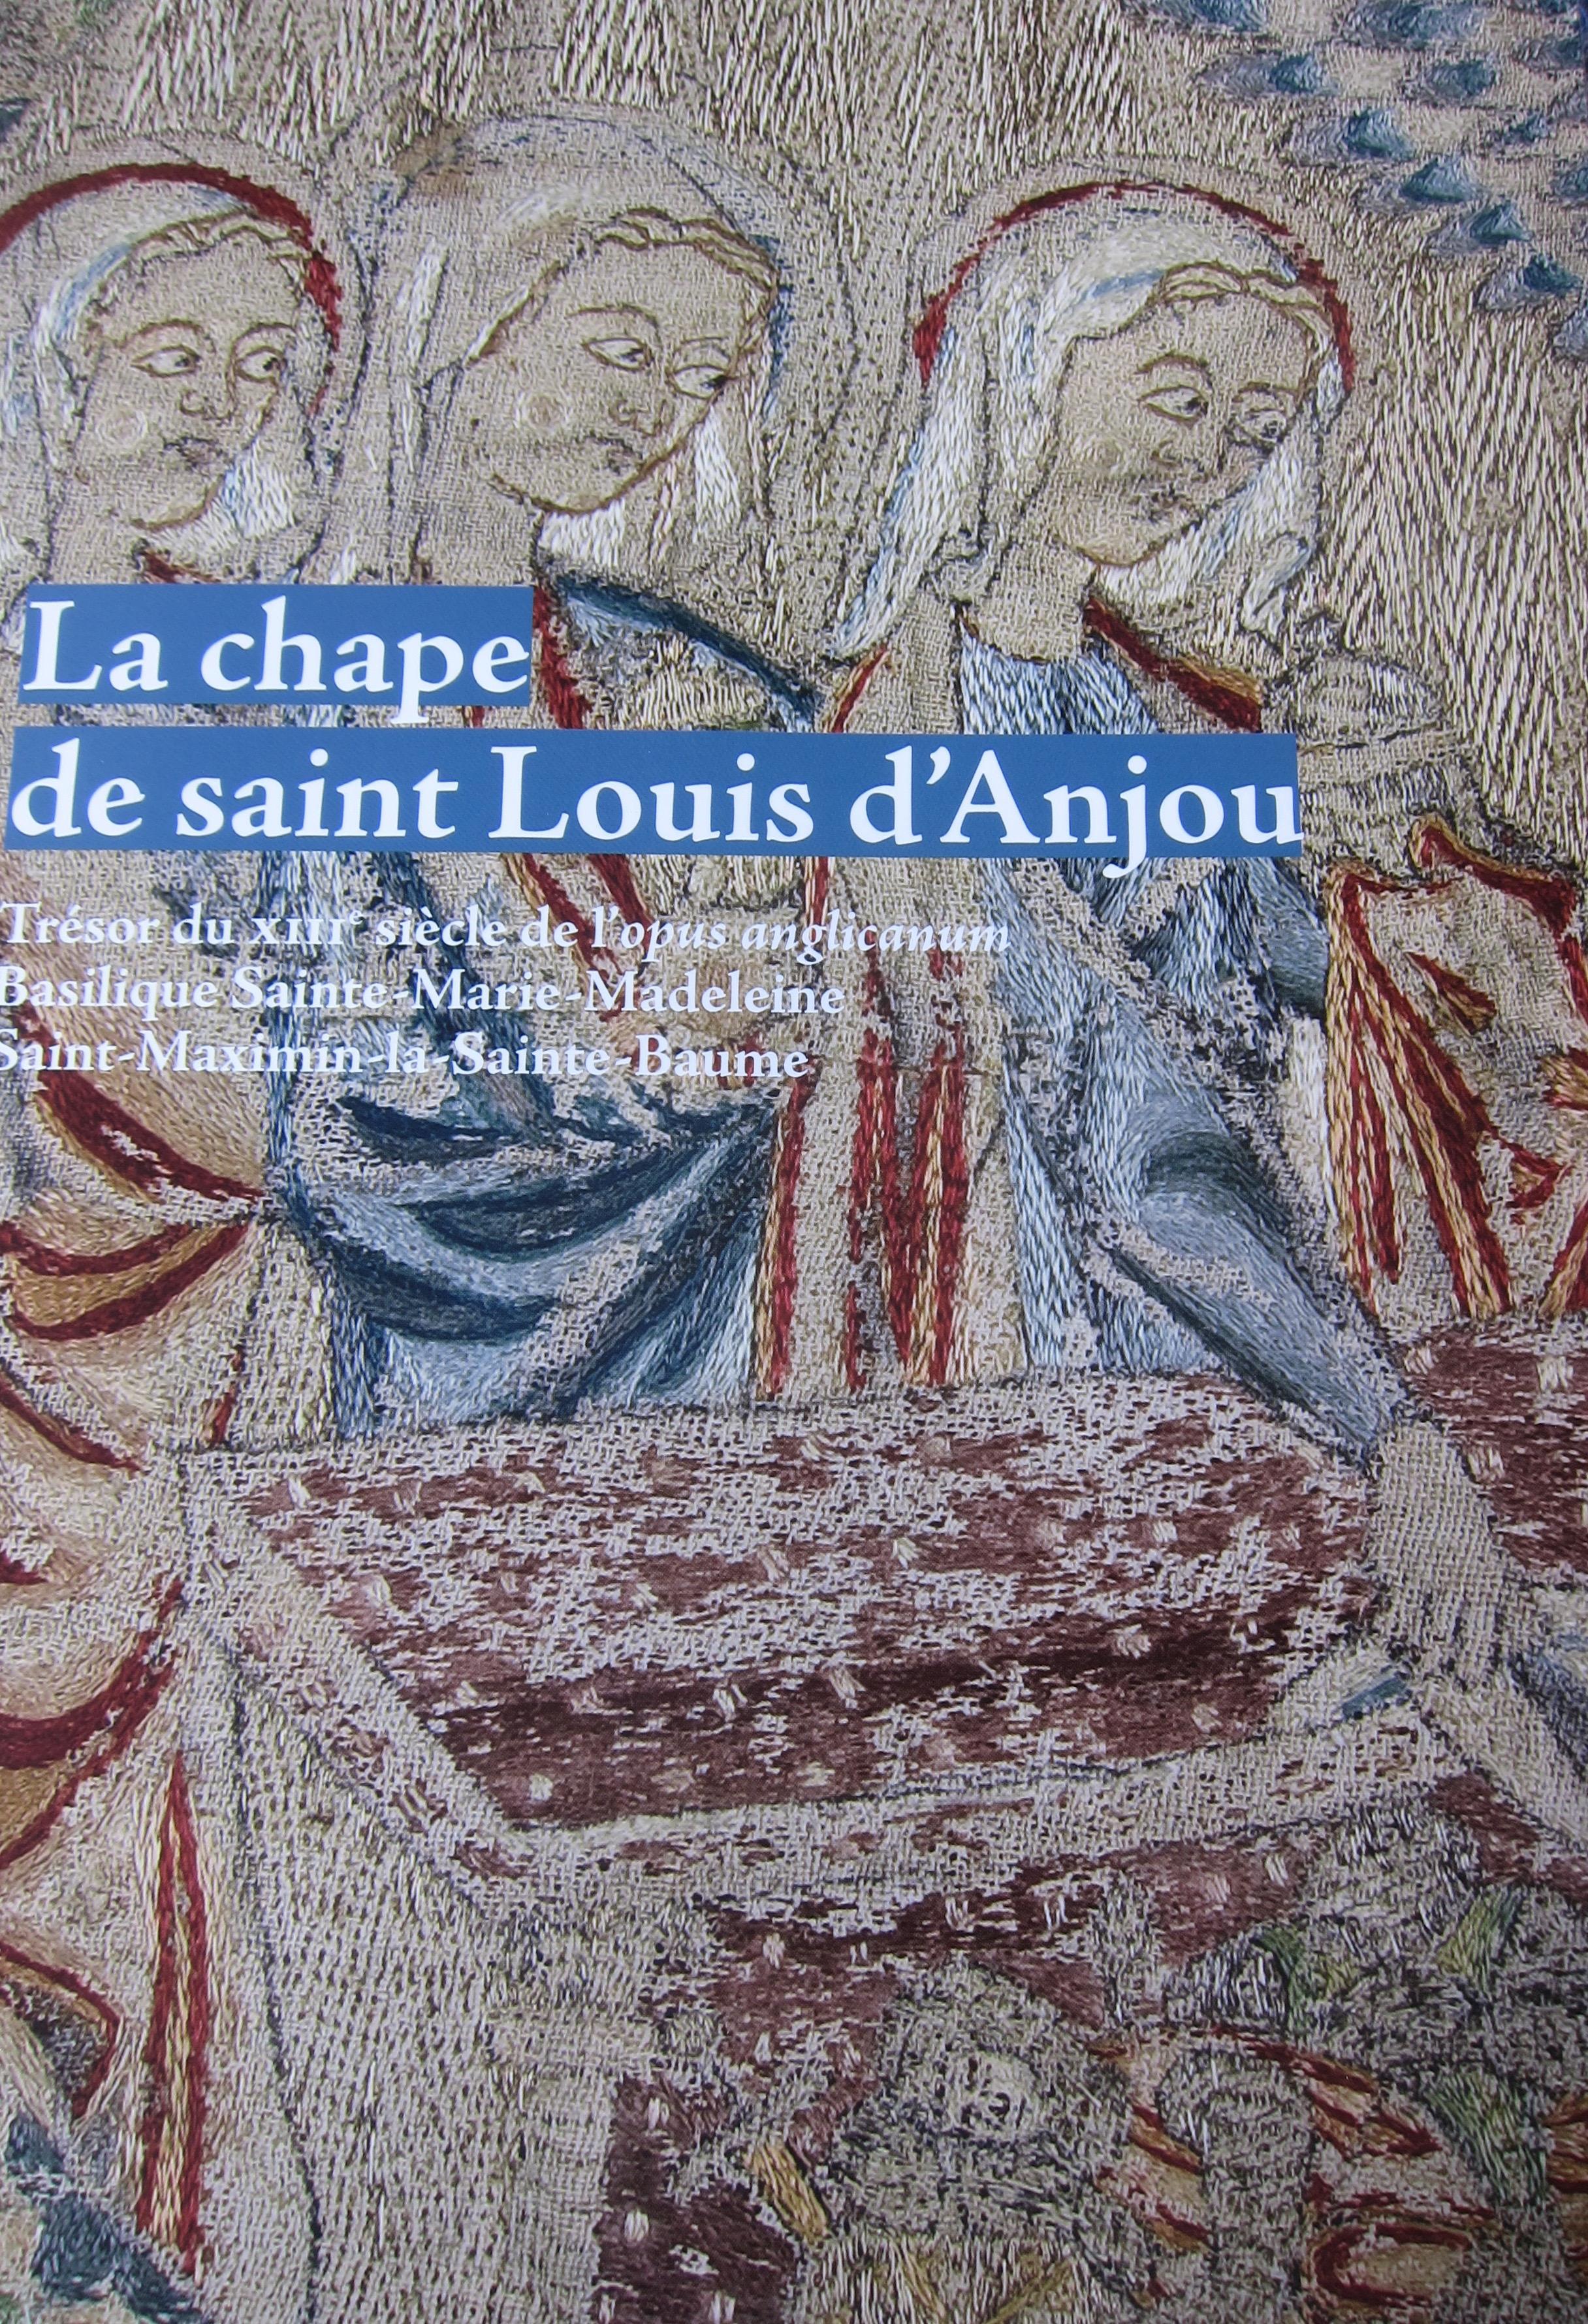 La chape de Saint-Louis d'Anjou